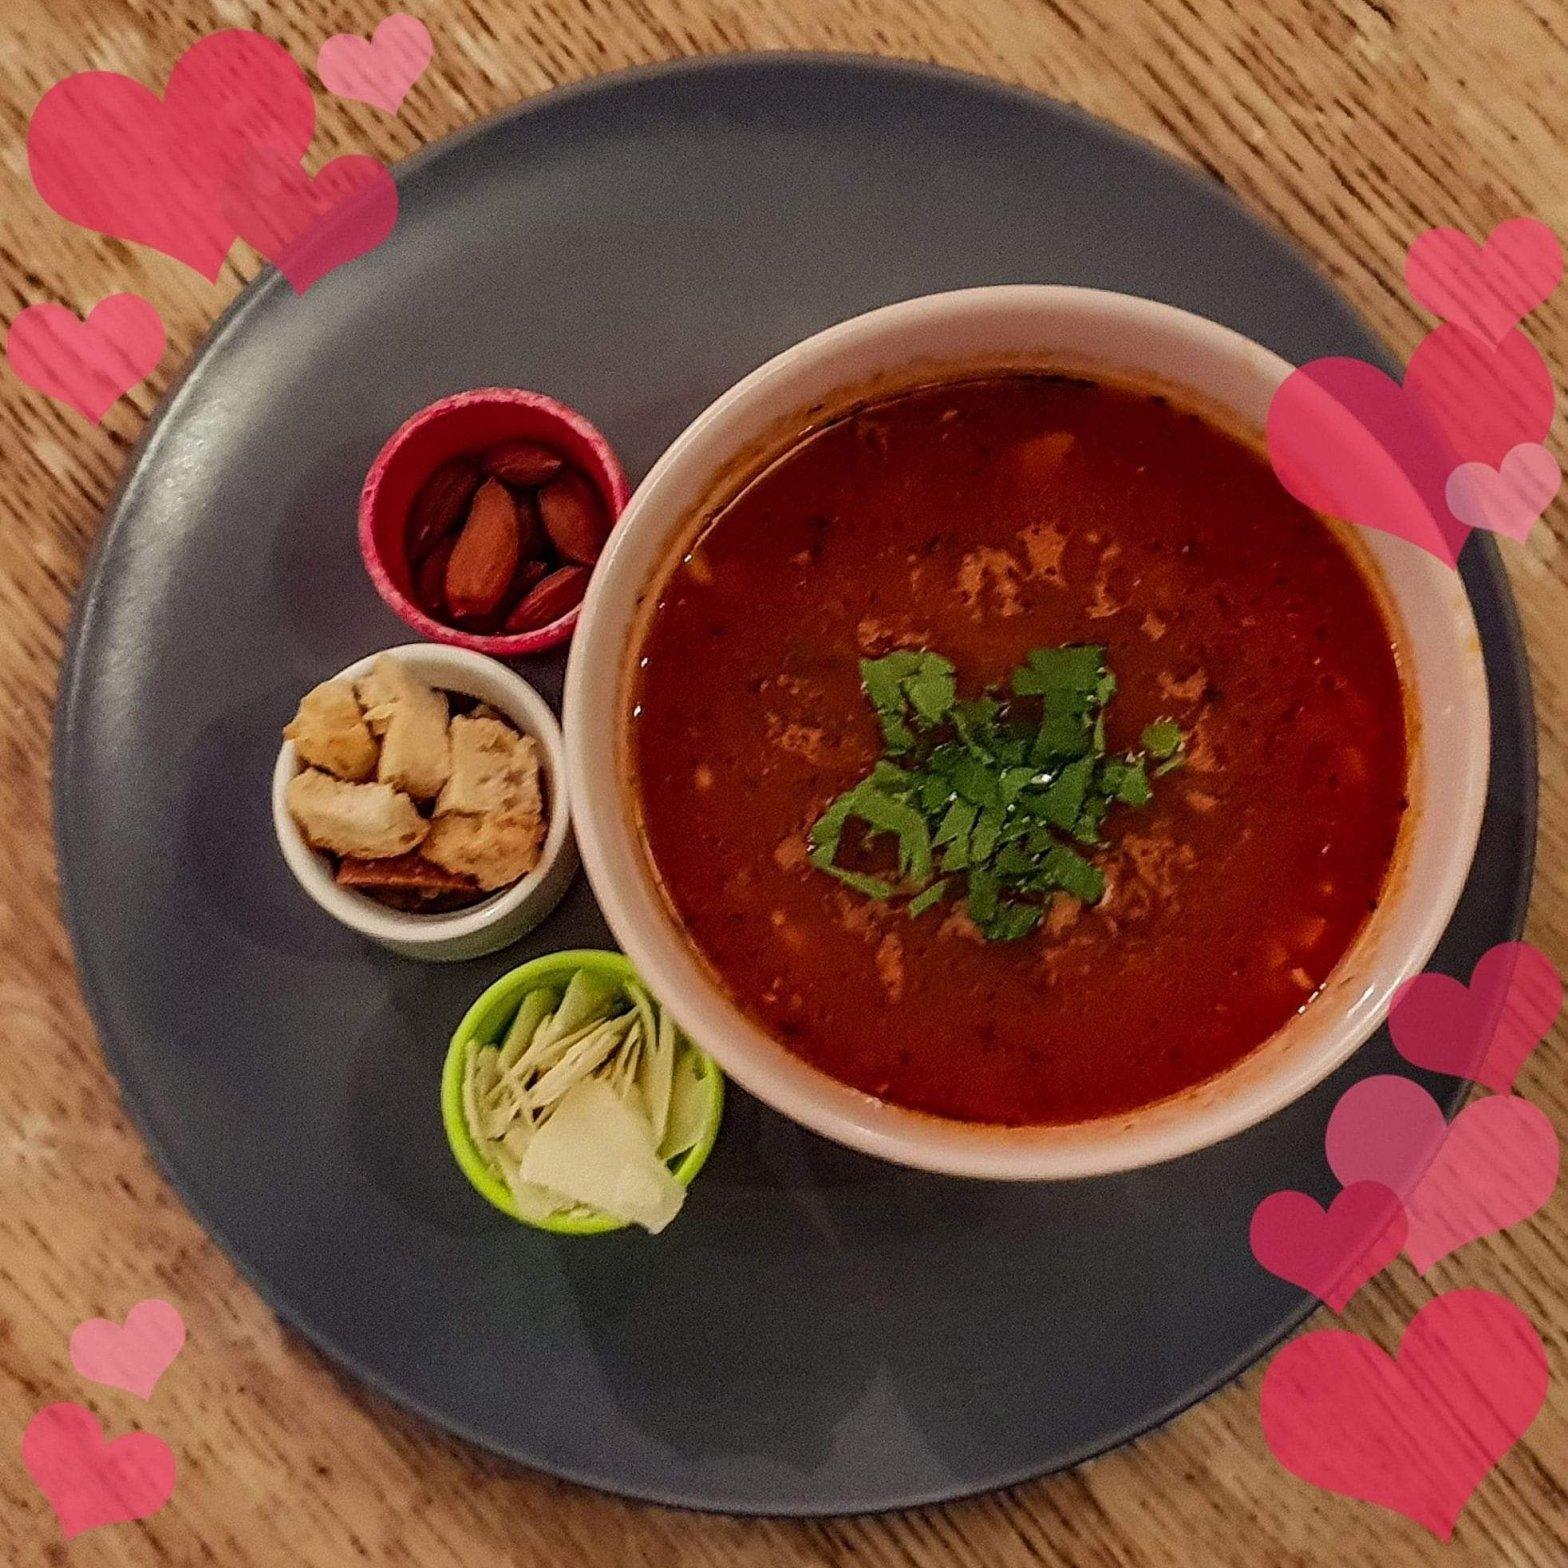 Tomatsoppa utan grädde med vita bönor, rostade mandlar, parmesan och krutonger på restaurangen Farbror Nikos i Slussen på Södermalm